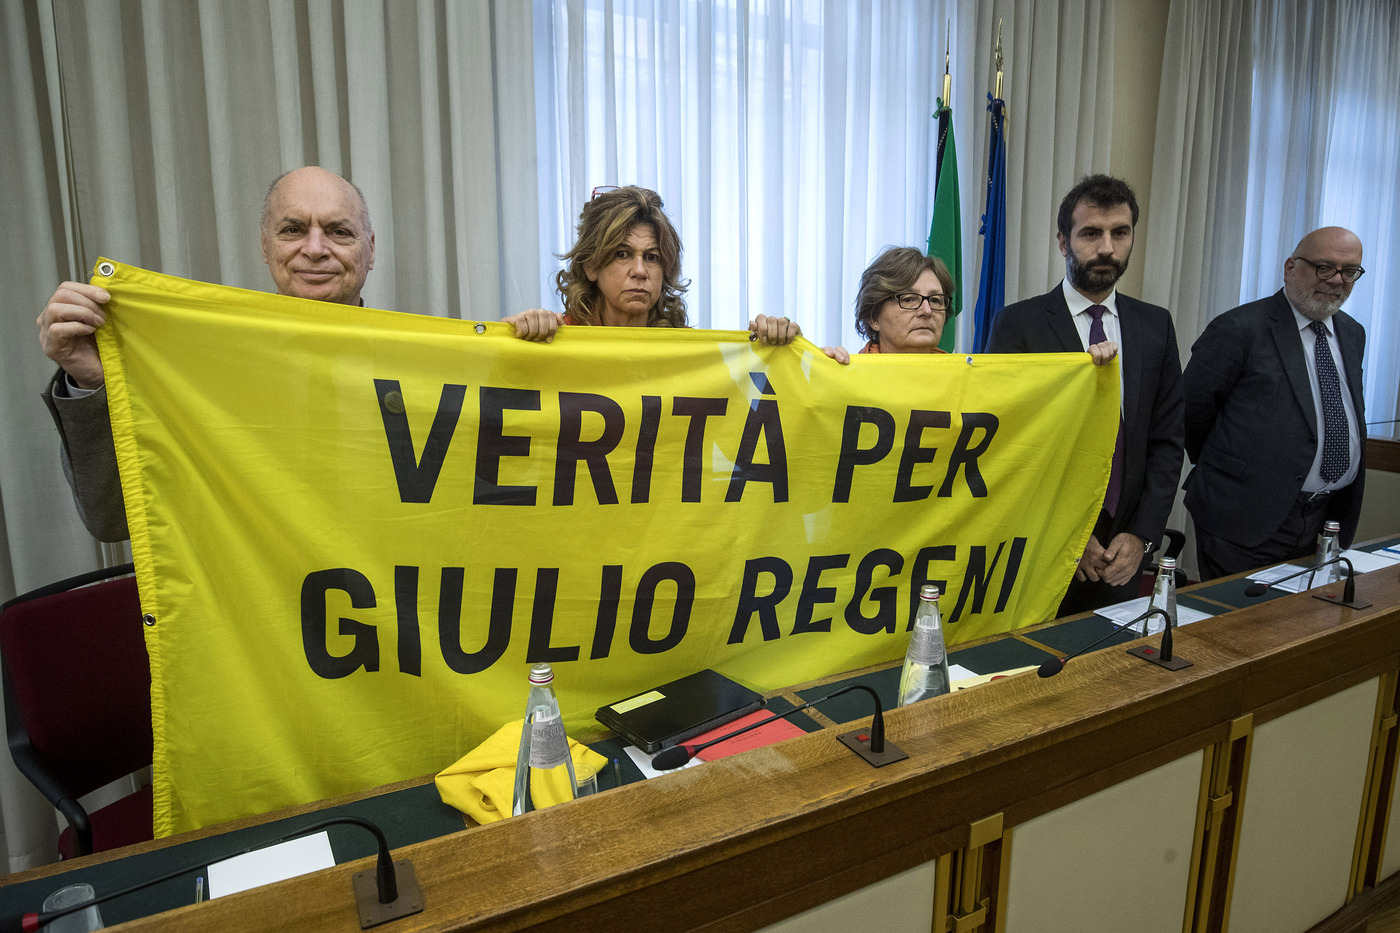 Commissione sulla morte di Giulio Regeni - Audizione Claudio Regeni e Giulia Deffendi